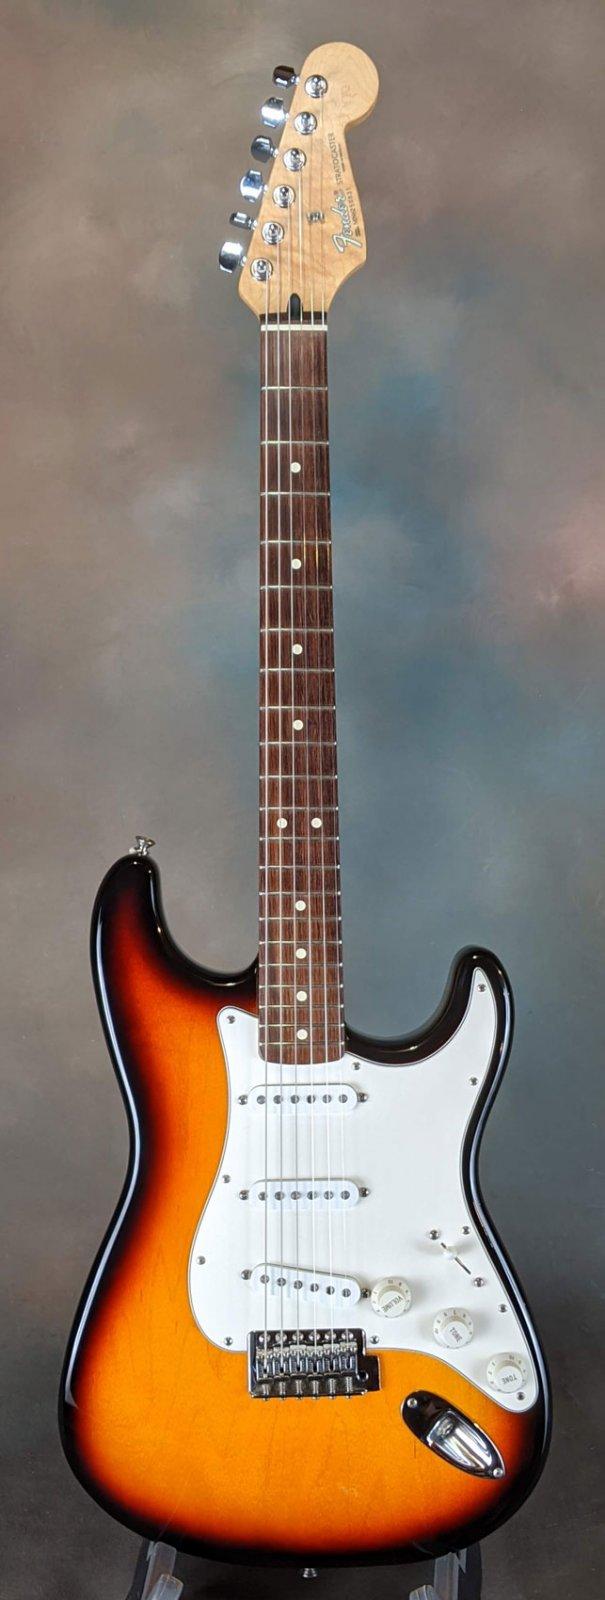 1996 Fender Standard Stratocaster